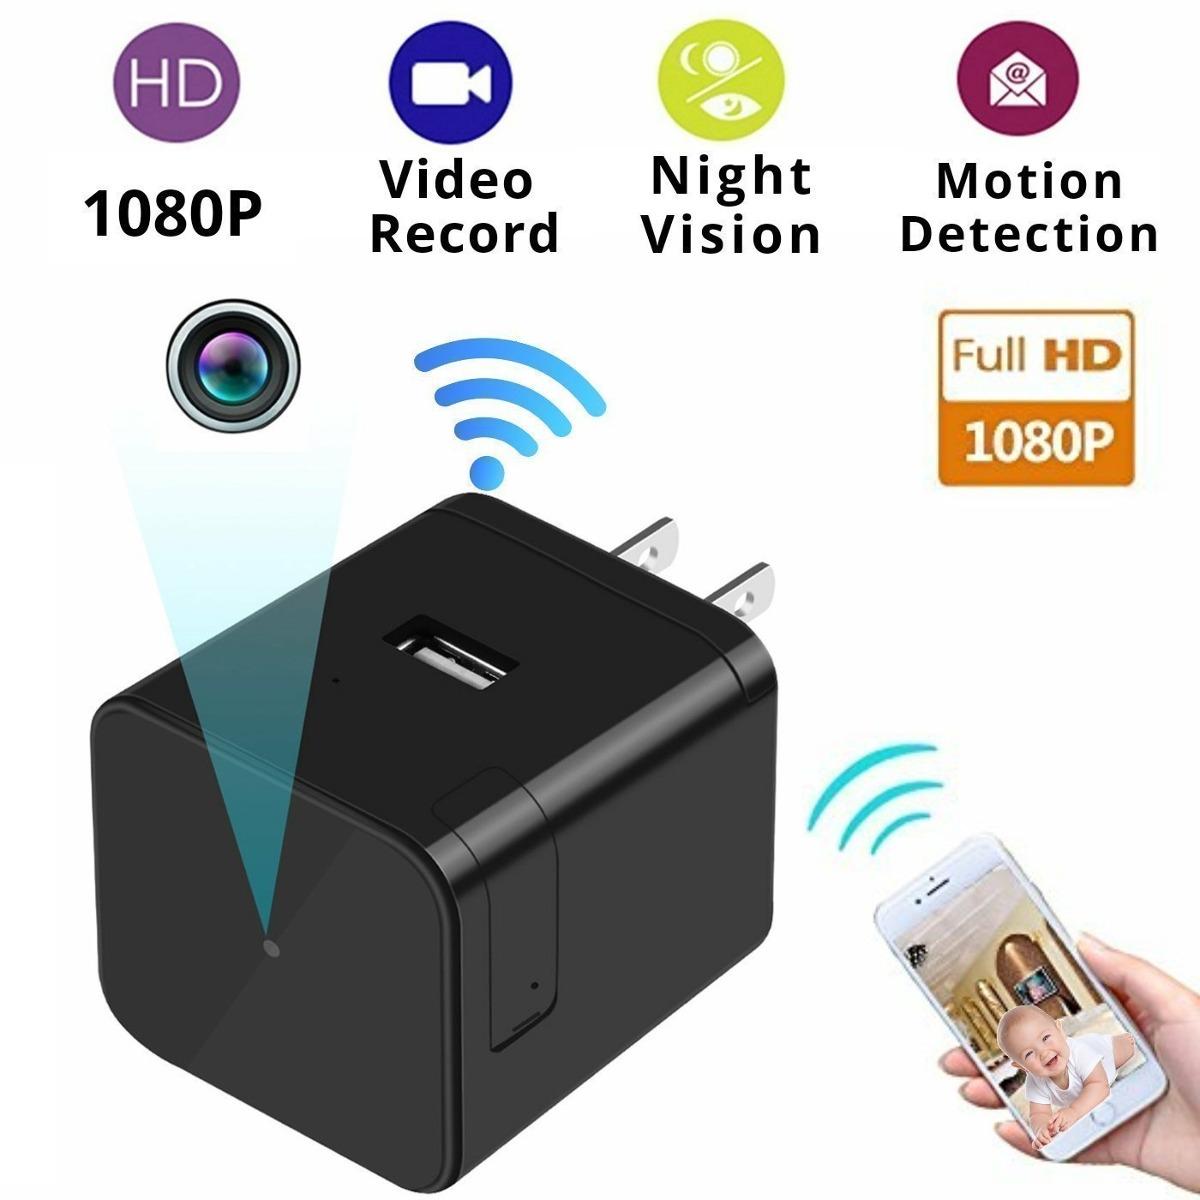 31151d290c Nuevo Cámaras De Seguridad Para El Hogar Wifi Niñera Cam. - U$S 100 ...